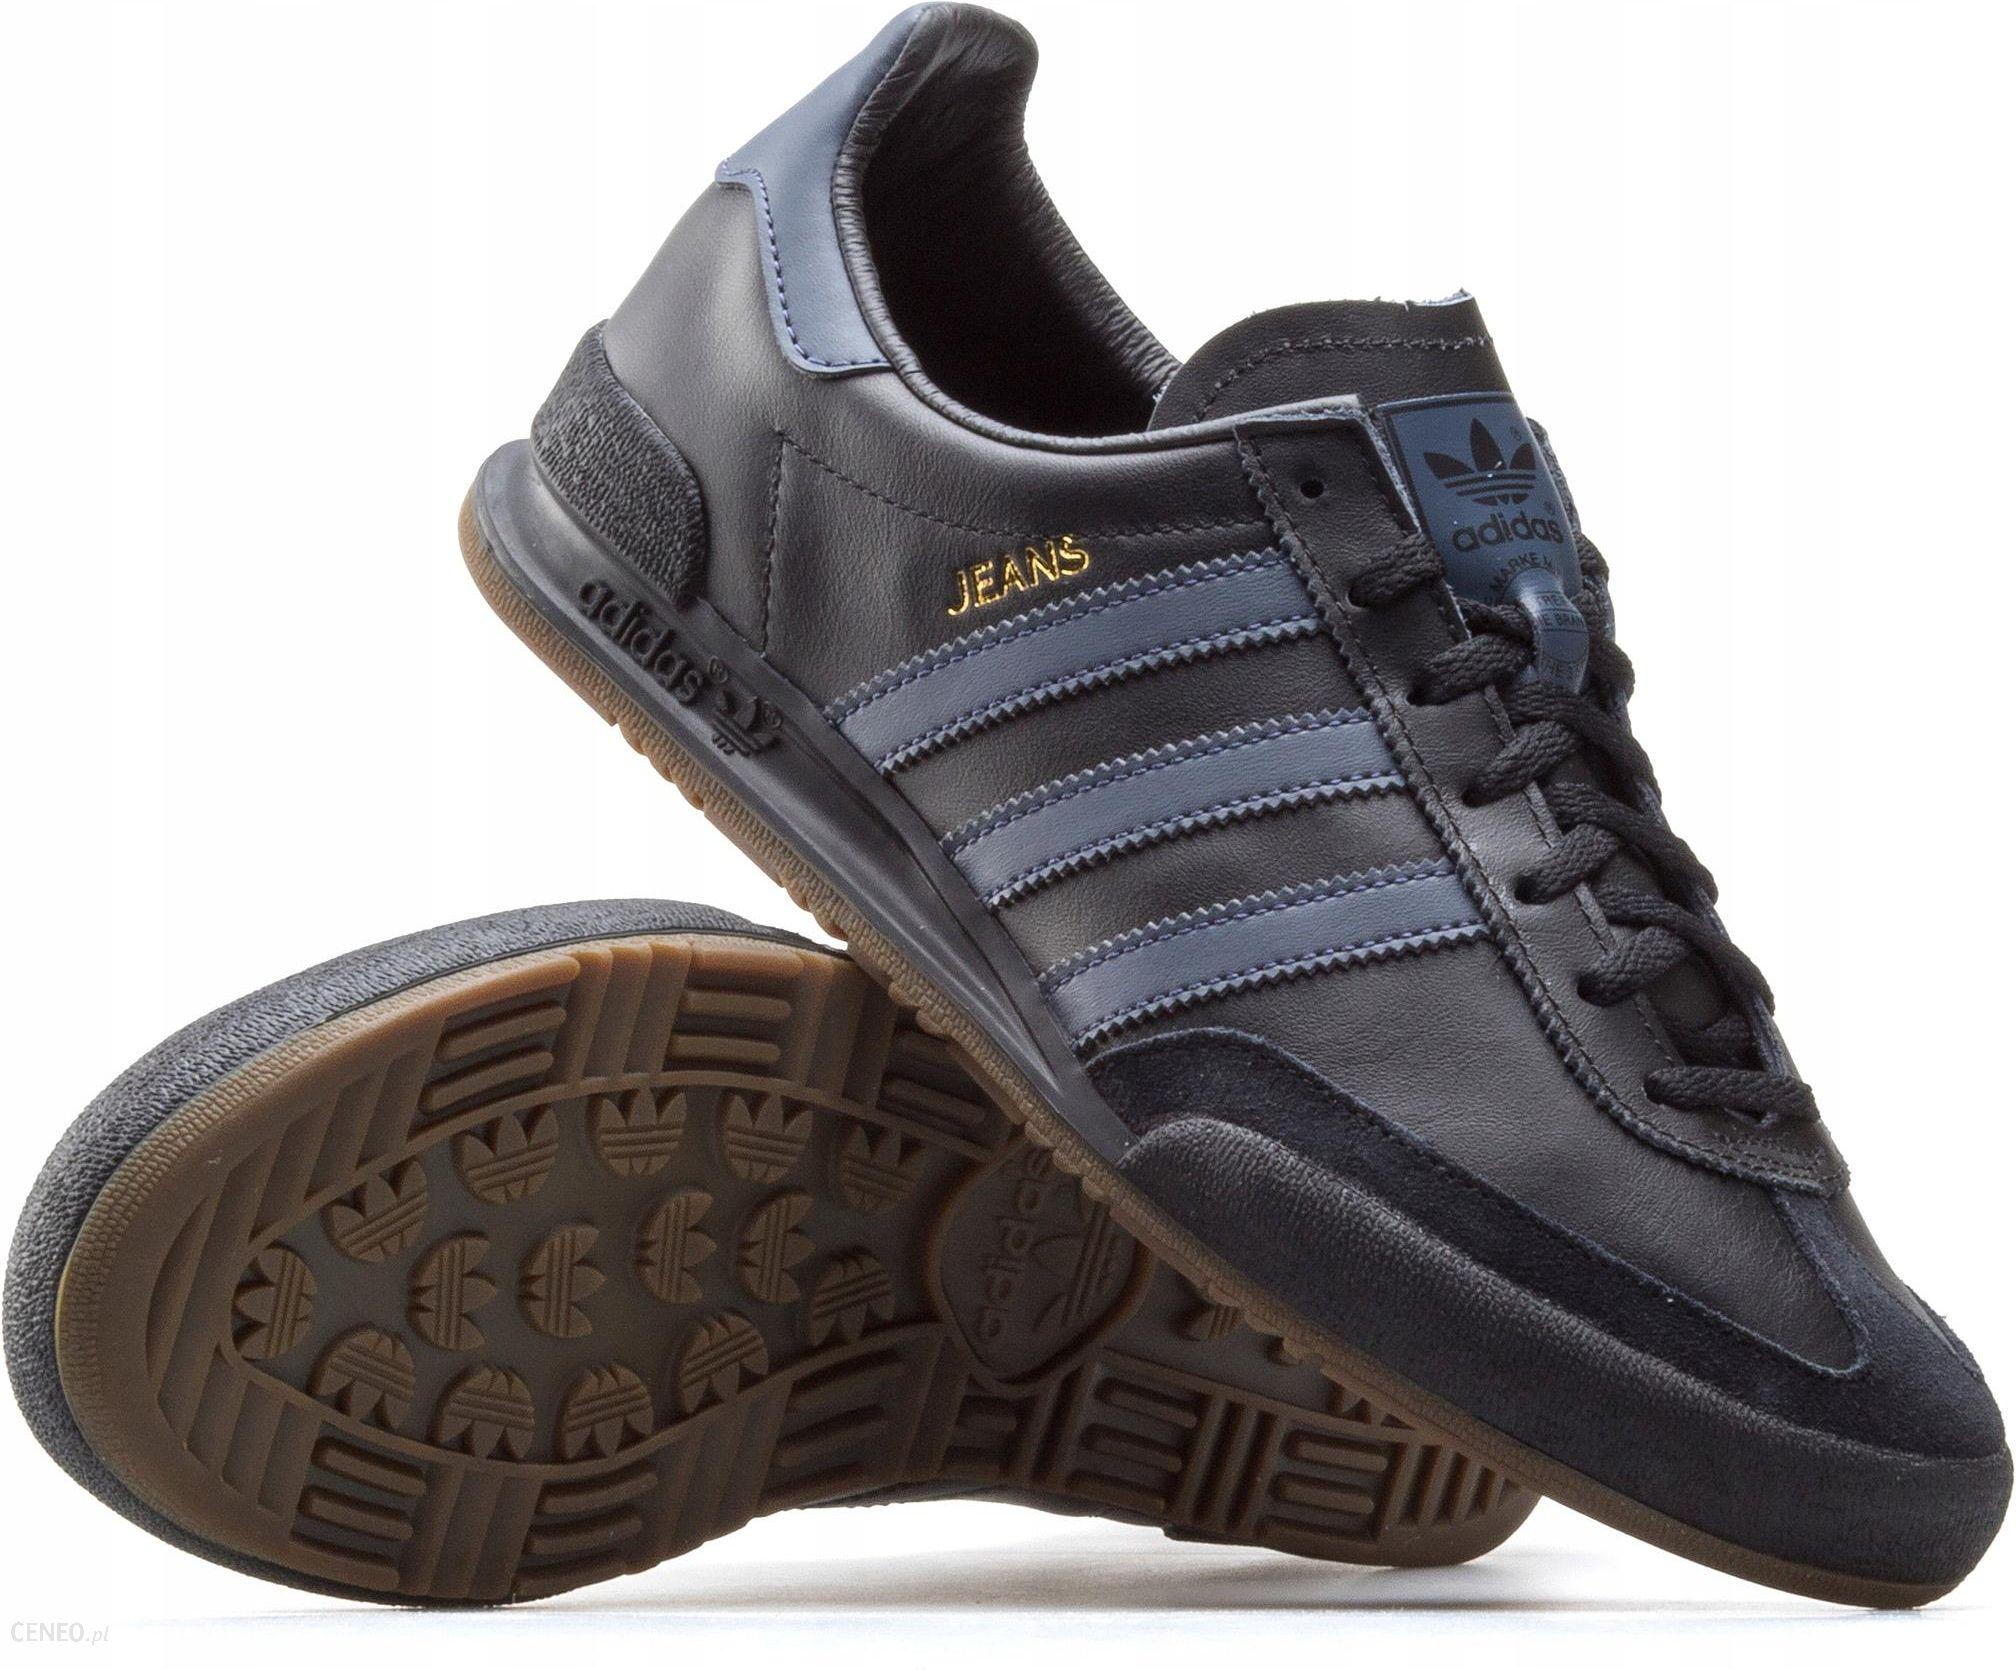 Buty męskie skórzane adidas Jeans B42228 r. 44 23 Ceny i opinie Ceneo.pl